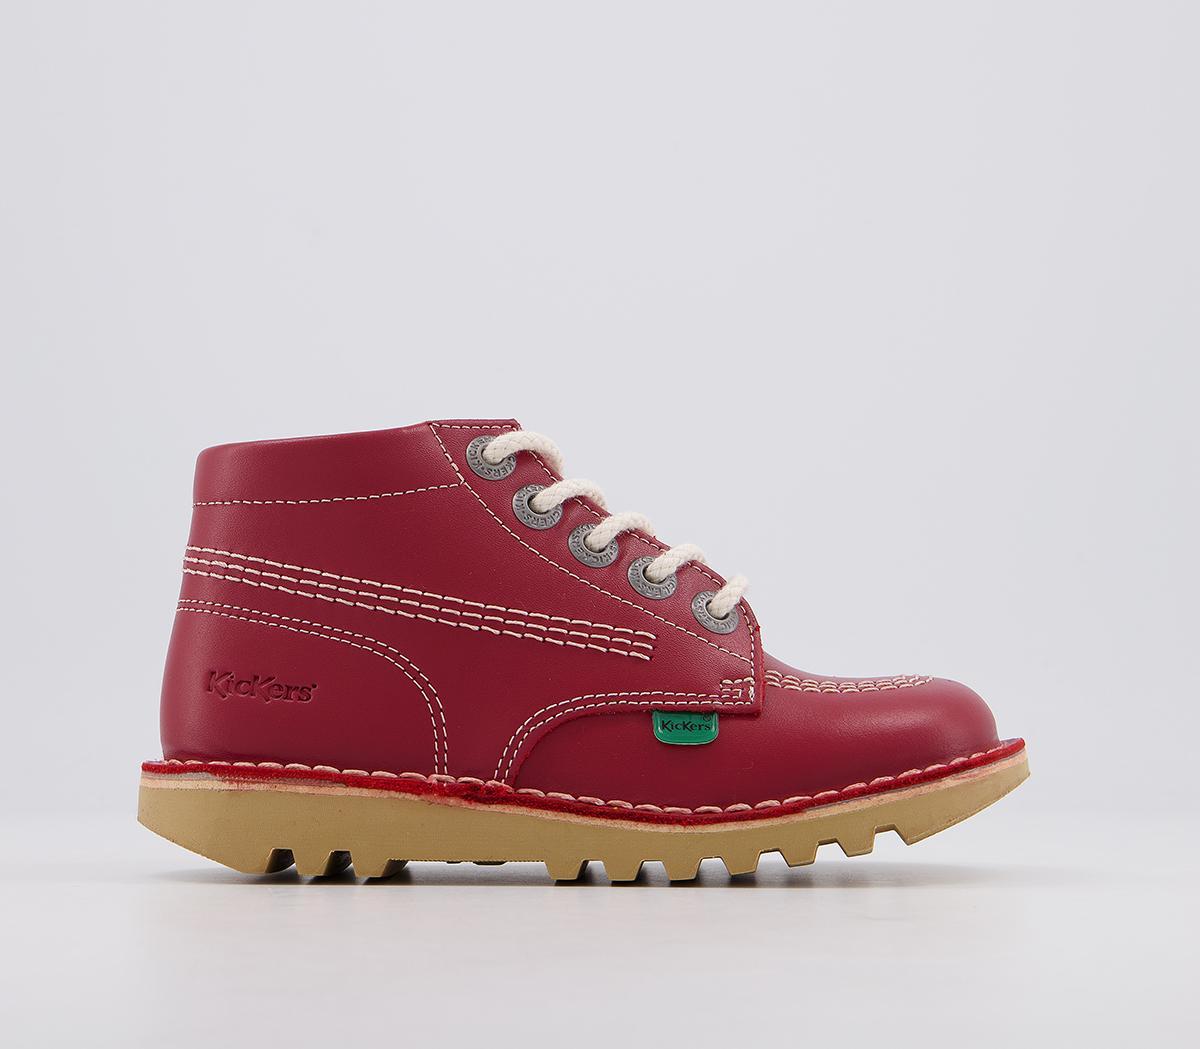 Kick Hi Infant Boots